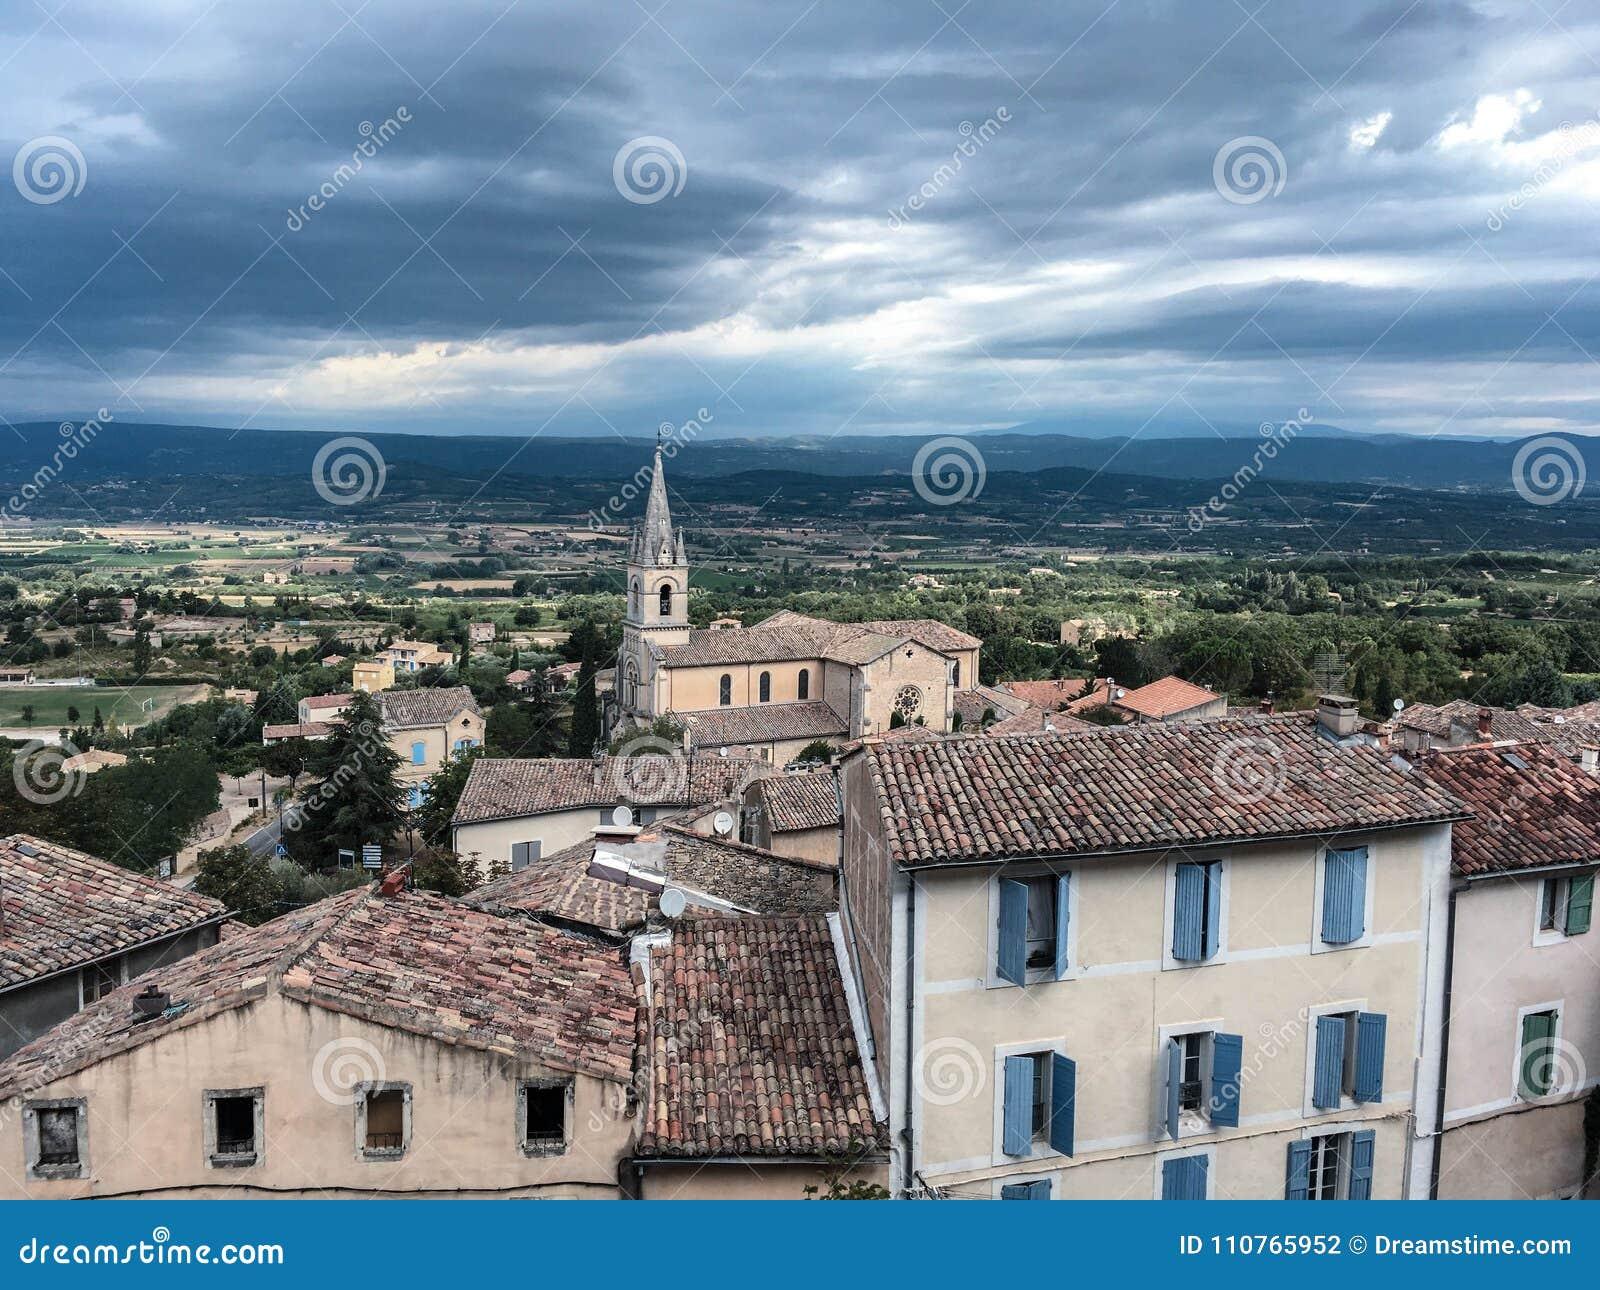 vacances au provence Balade dans le village de Bonnieux. Weekend et vacances en Provence